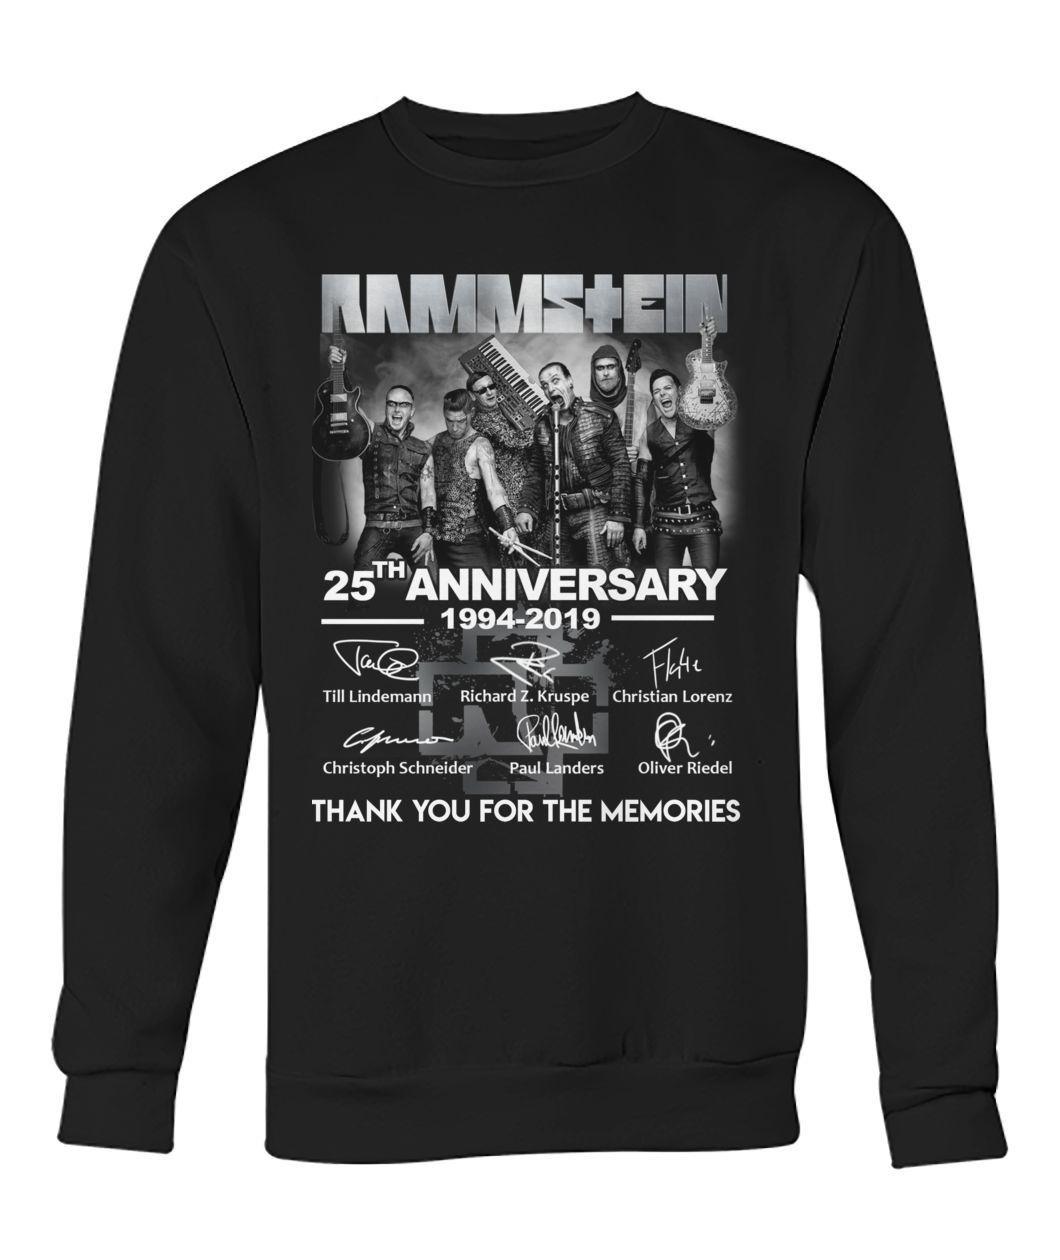 Rammstein 25th anniversary 1994 2019 sweatshirt